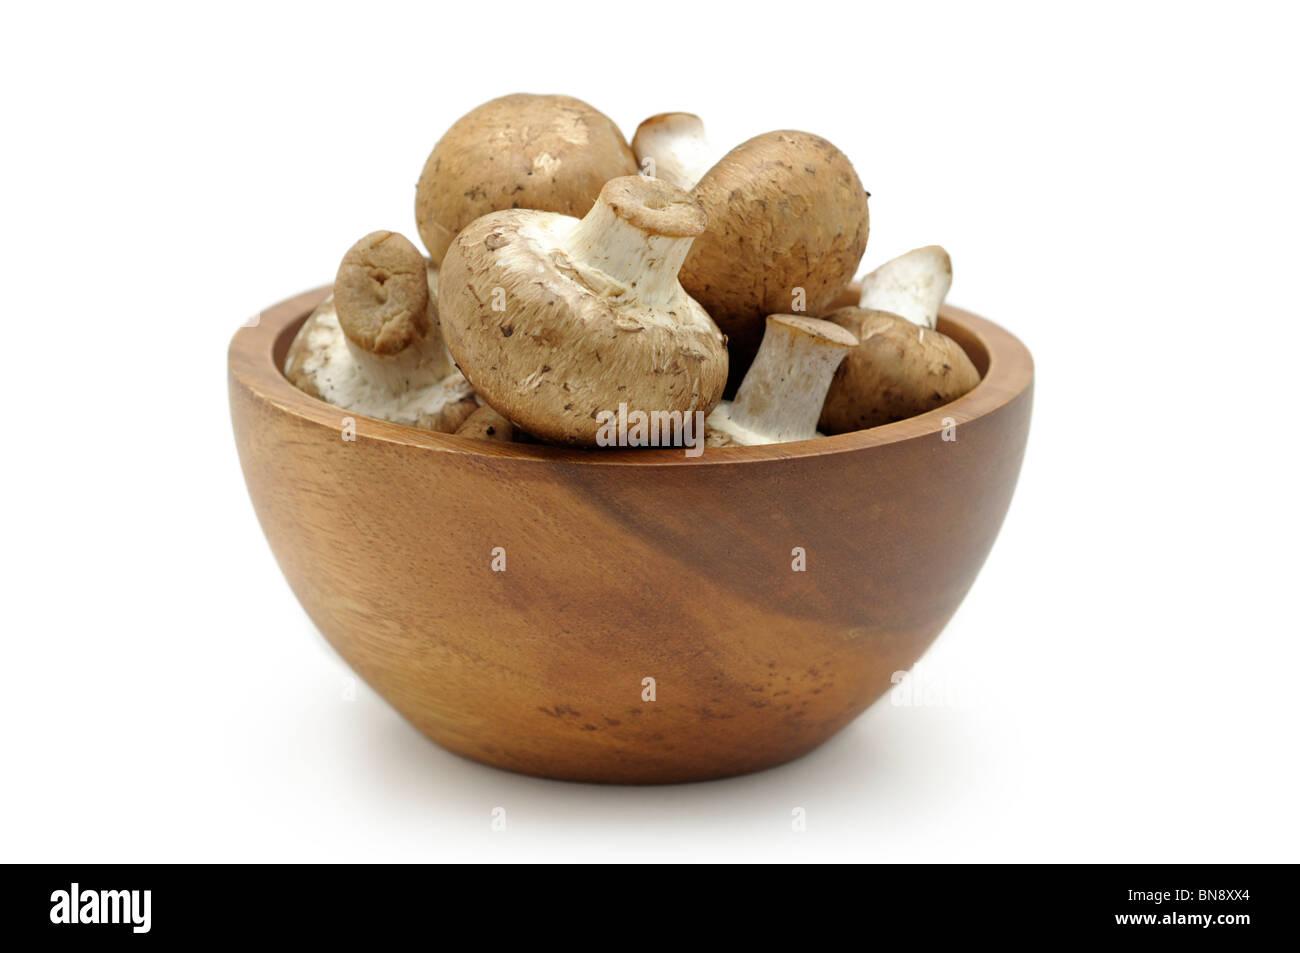 Mushrooms in Bowl - Stock Image